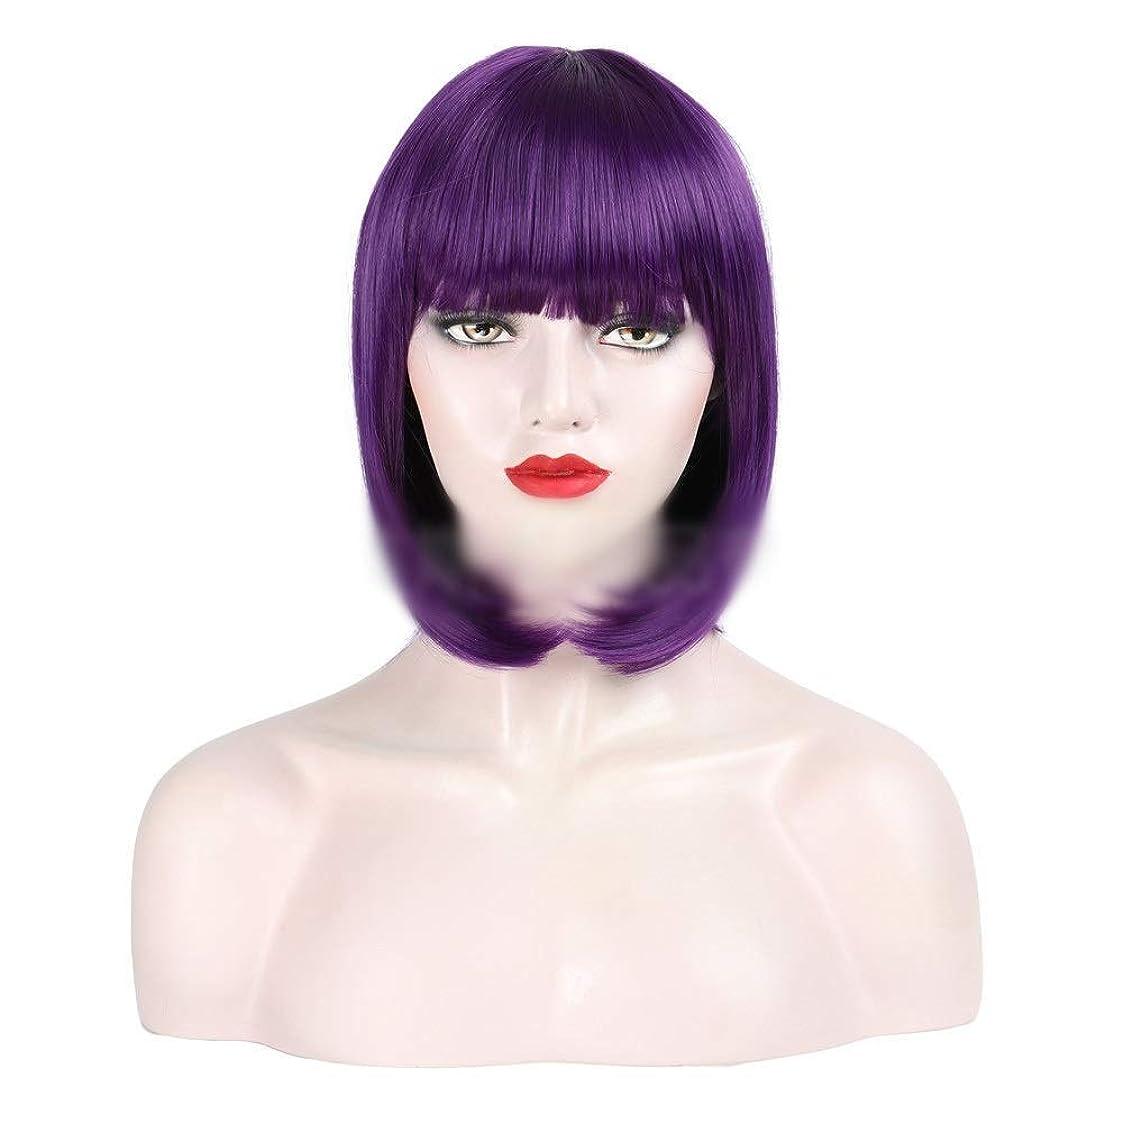 難しいハンマー無謀Isikawan 自然に見えるストレート女性デイリーコスプレウィッグ紫髪ボブかつら女性のための短い髪前髪付き (色 : Purple)